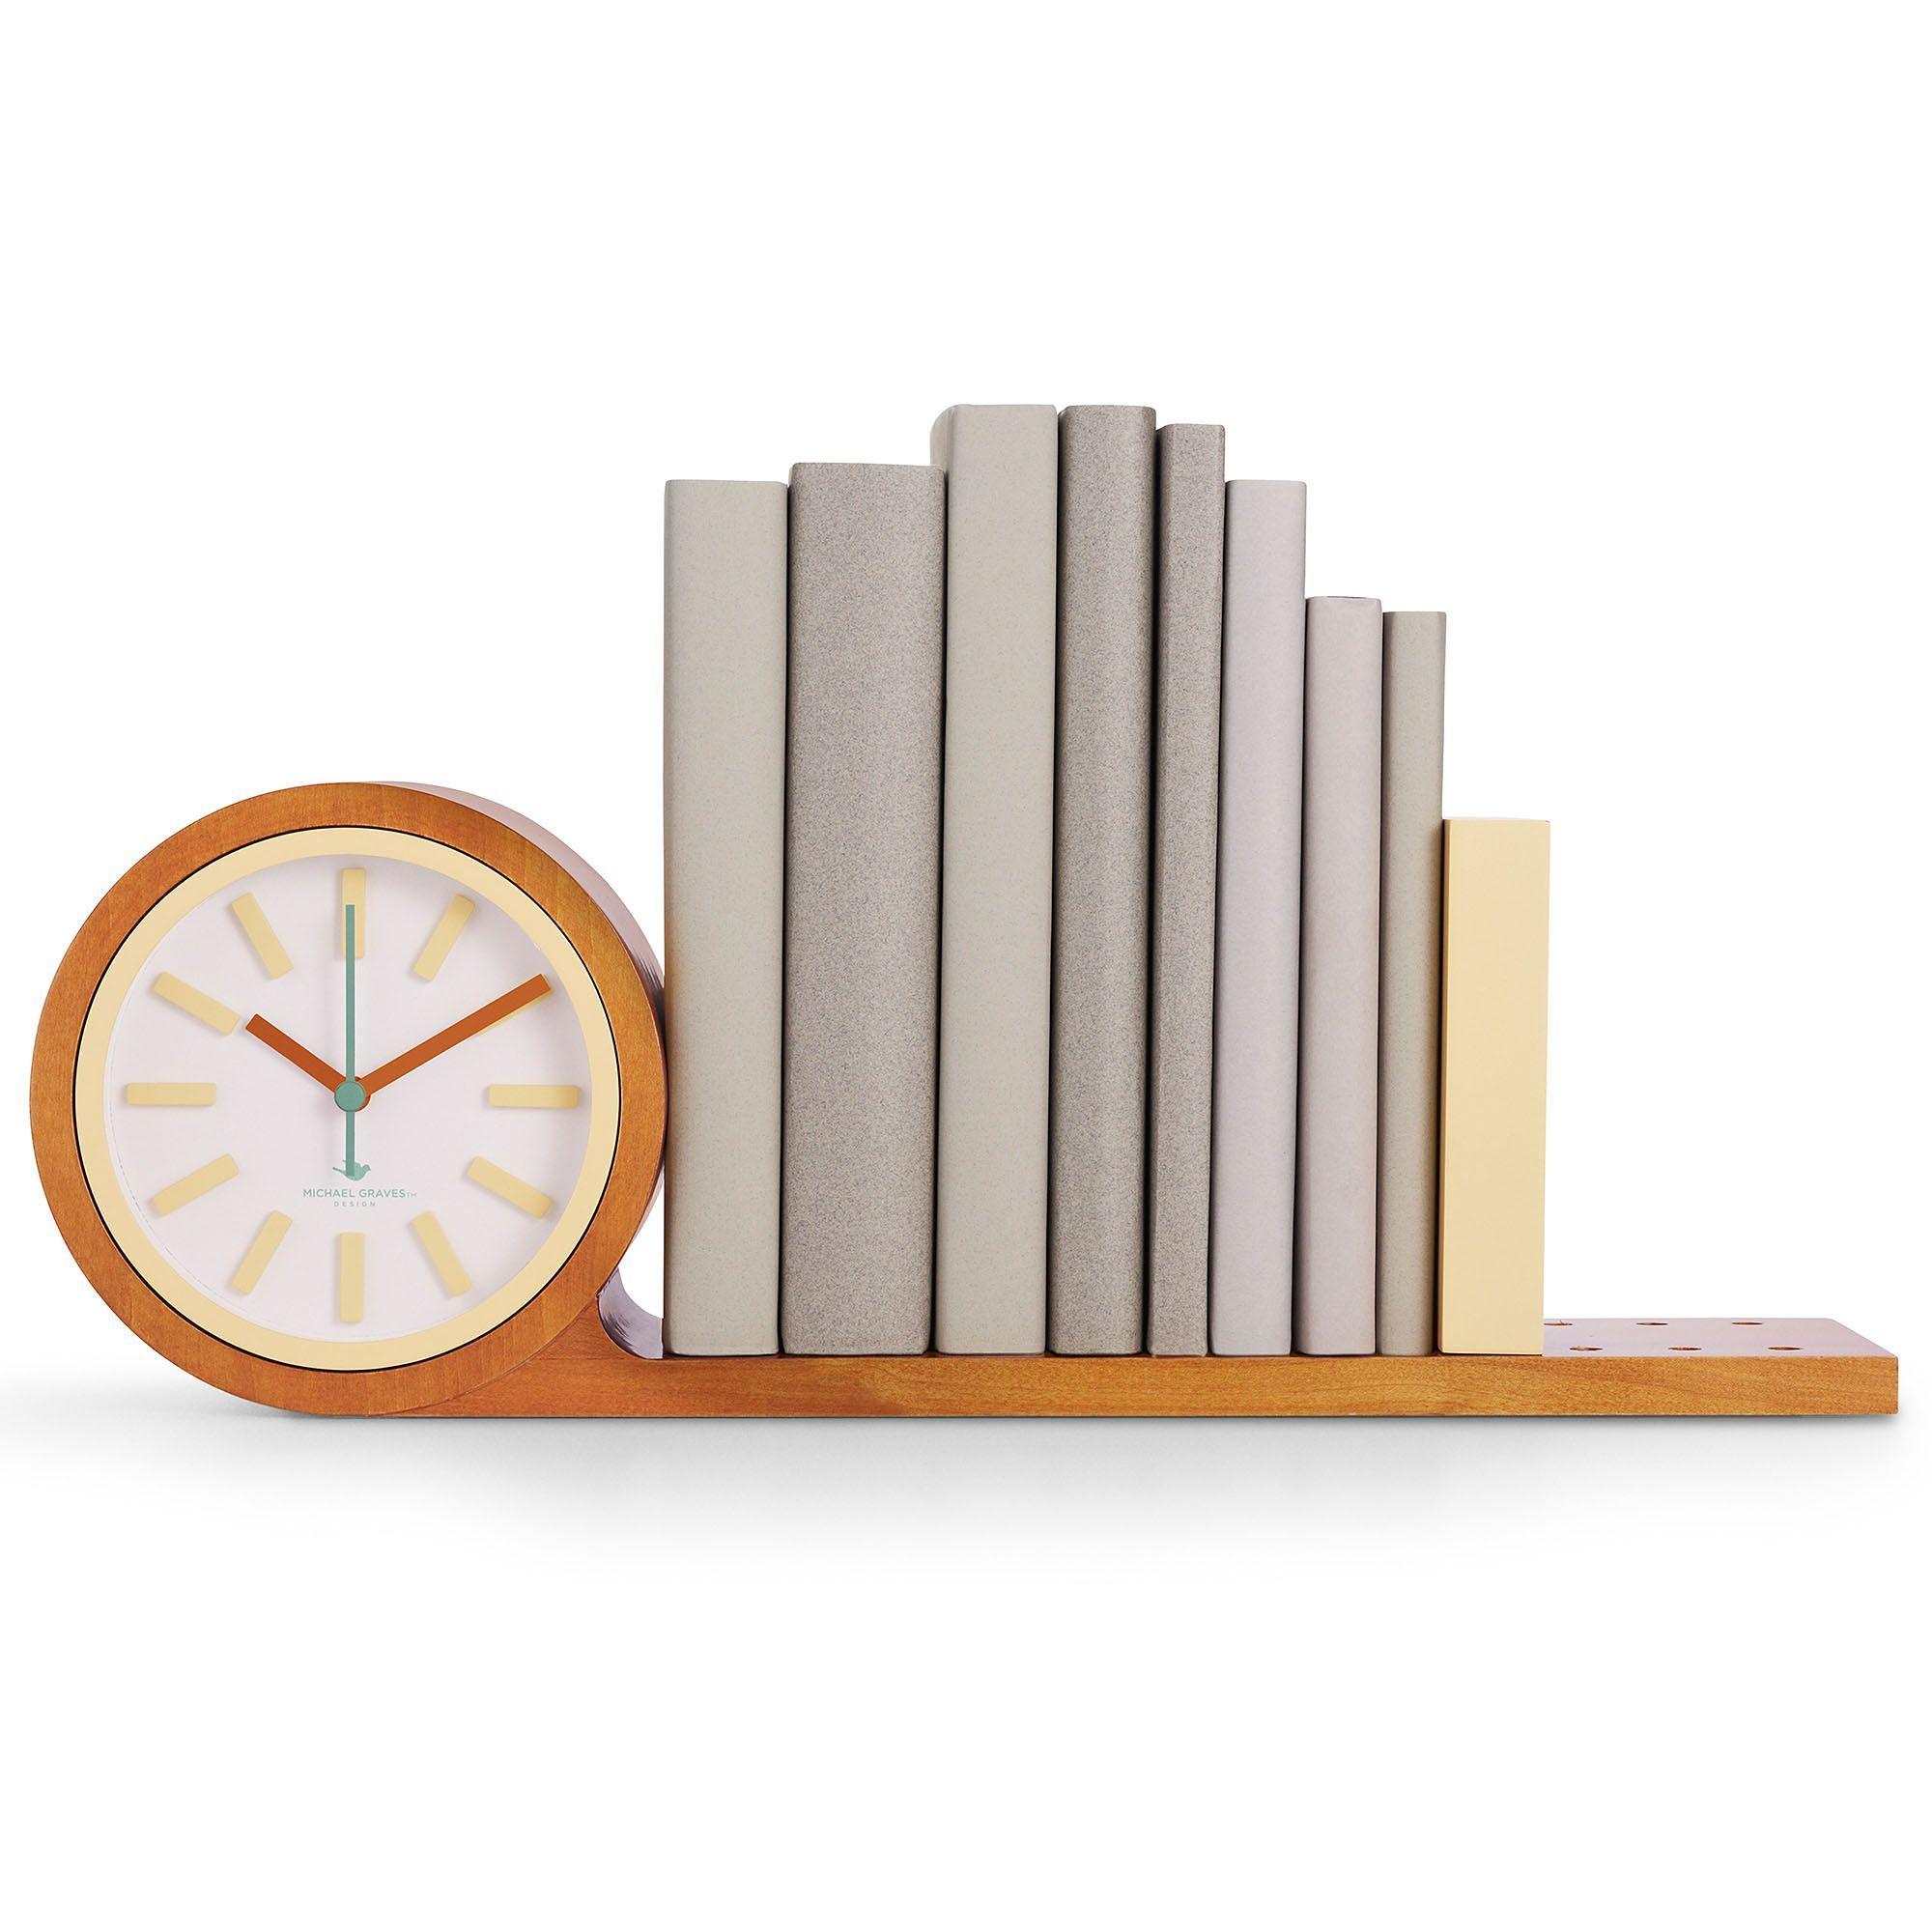 Michael Graves Bookshelf Clock / Jcpenney